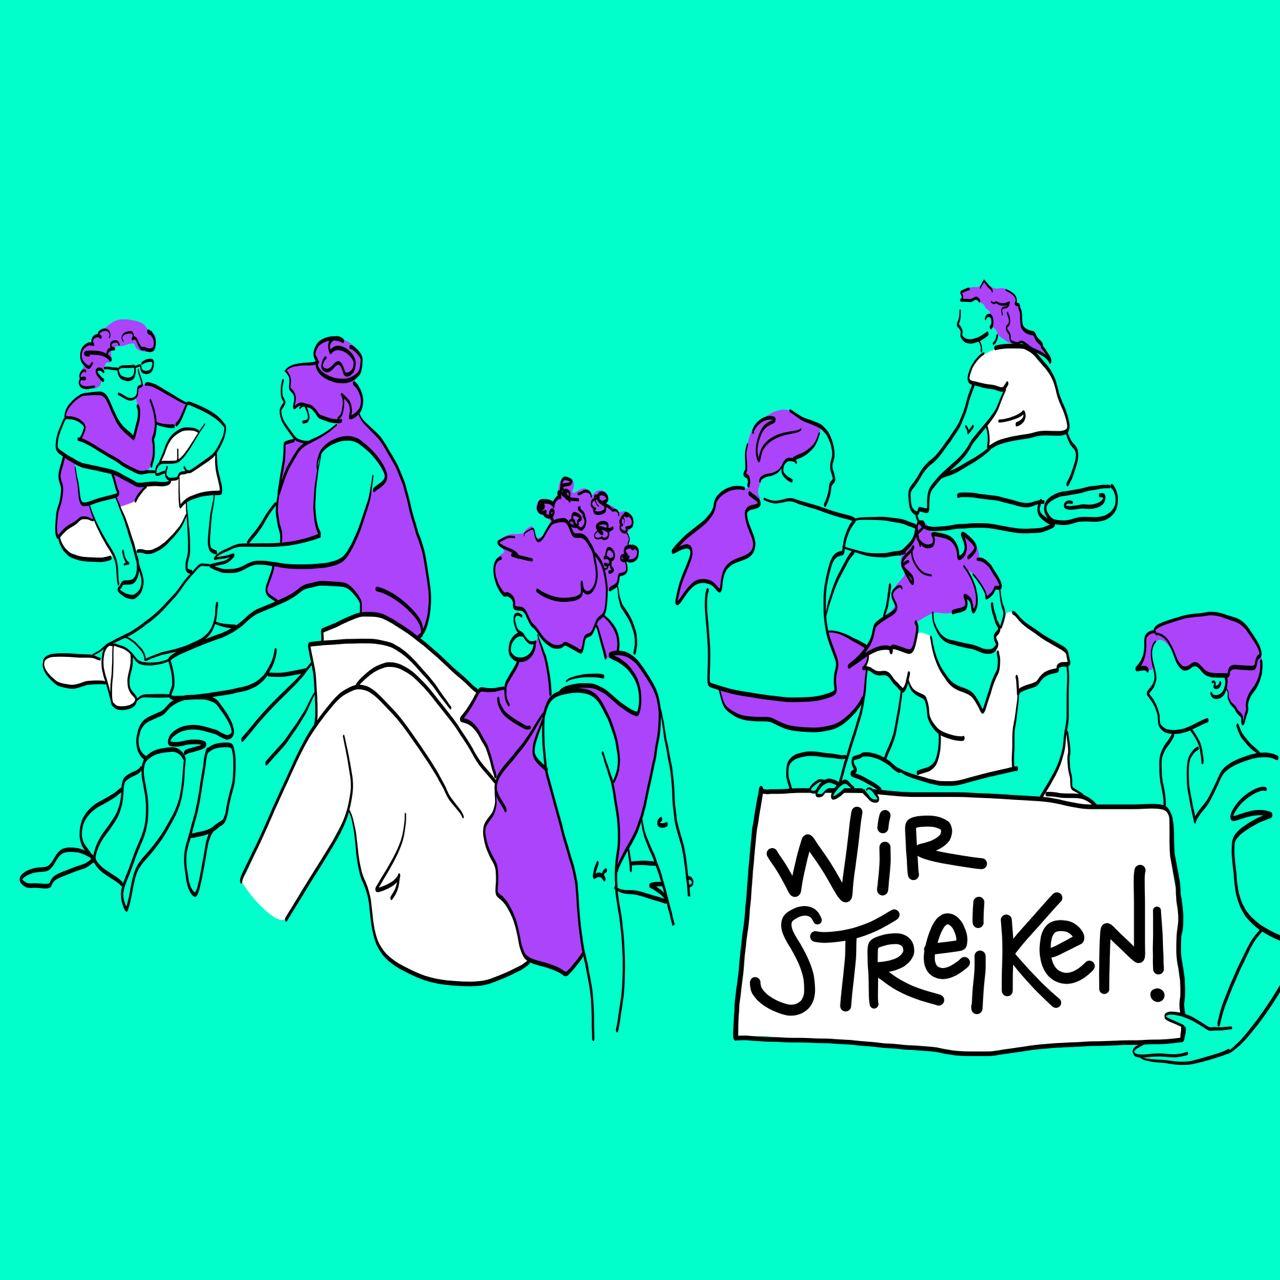 """auf türkisem HIntergrund sitzen verschiedene Figuren in Grüpchen tragen violette und weisse Klidung, haben violette haare und unten rechts hält eine Person ein weisses Schild, auf dem steht in schwarz """"wir streiken!"""""""